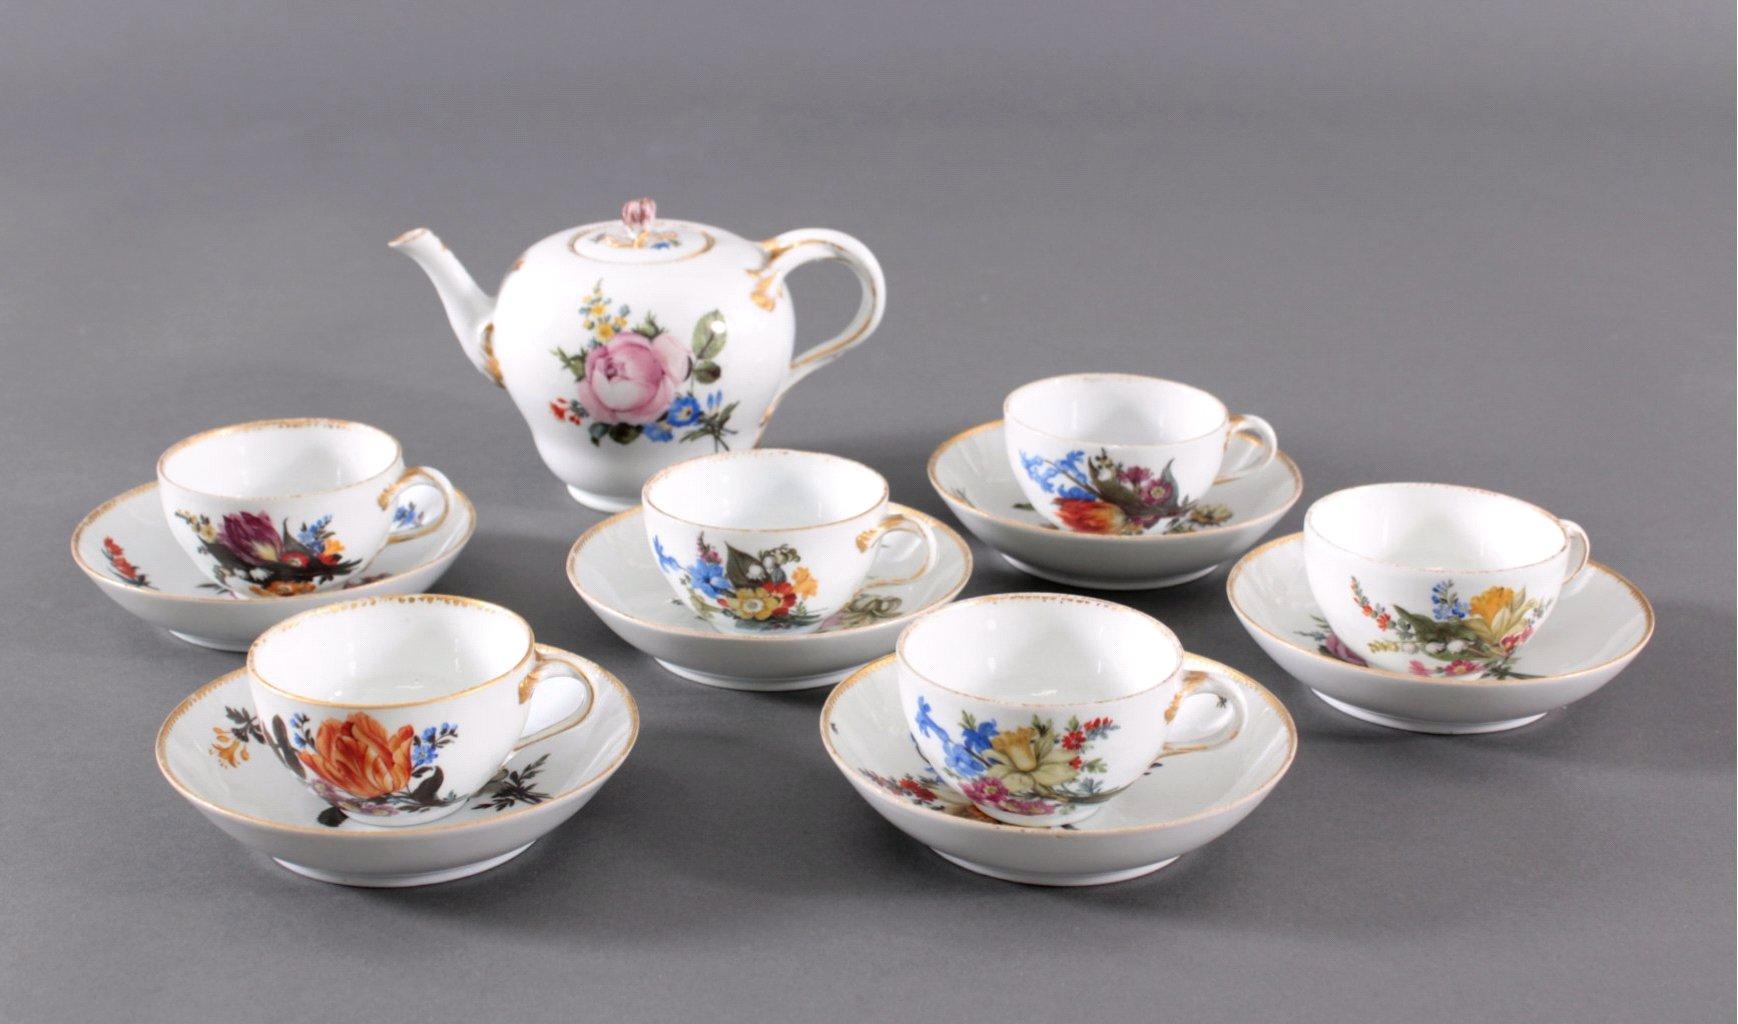 Teeservice für 6 Personen, Meissen 1774, Marcolini